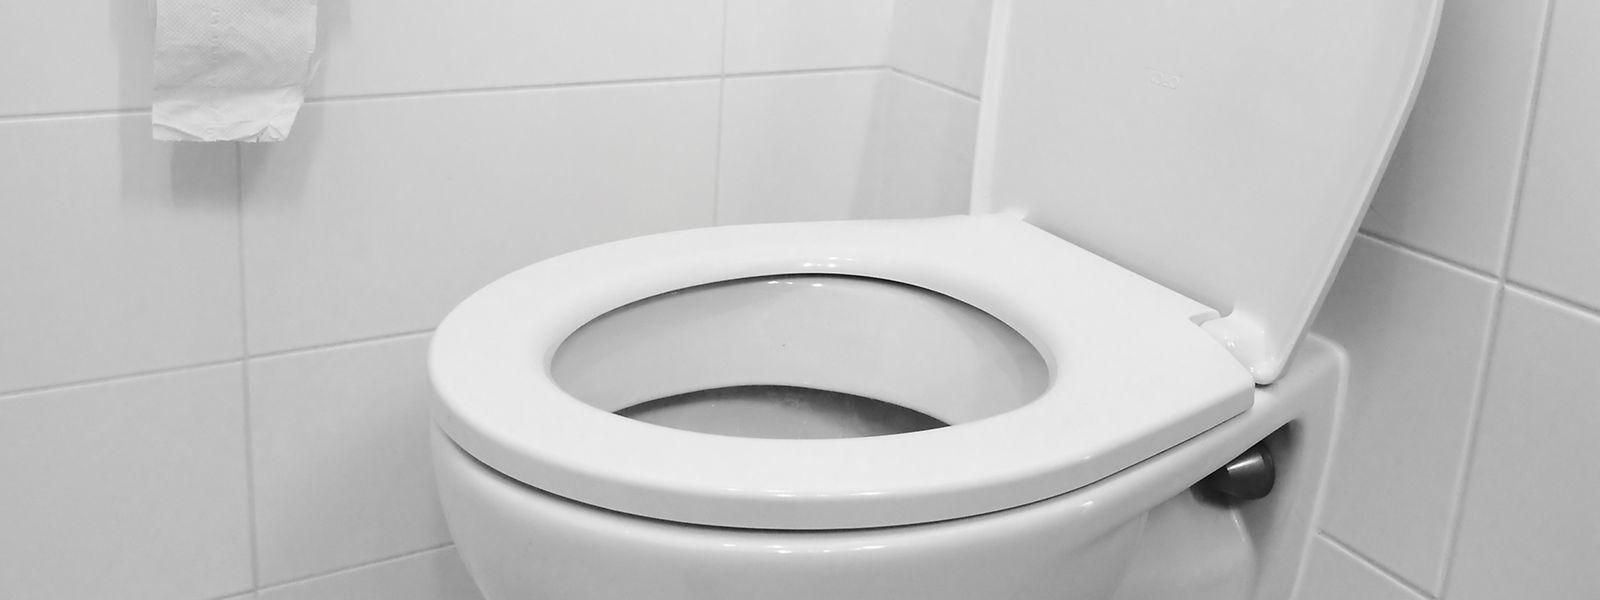 Das Schließen des Toilettendeckels vor dem Spülen verhindert eine Verwirbelung der Aerosole weitgehend.